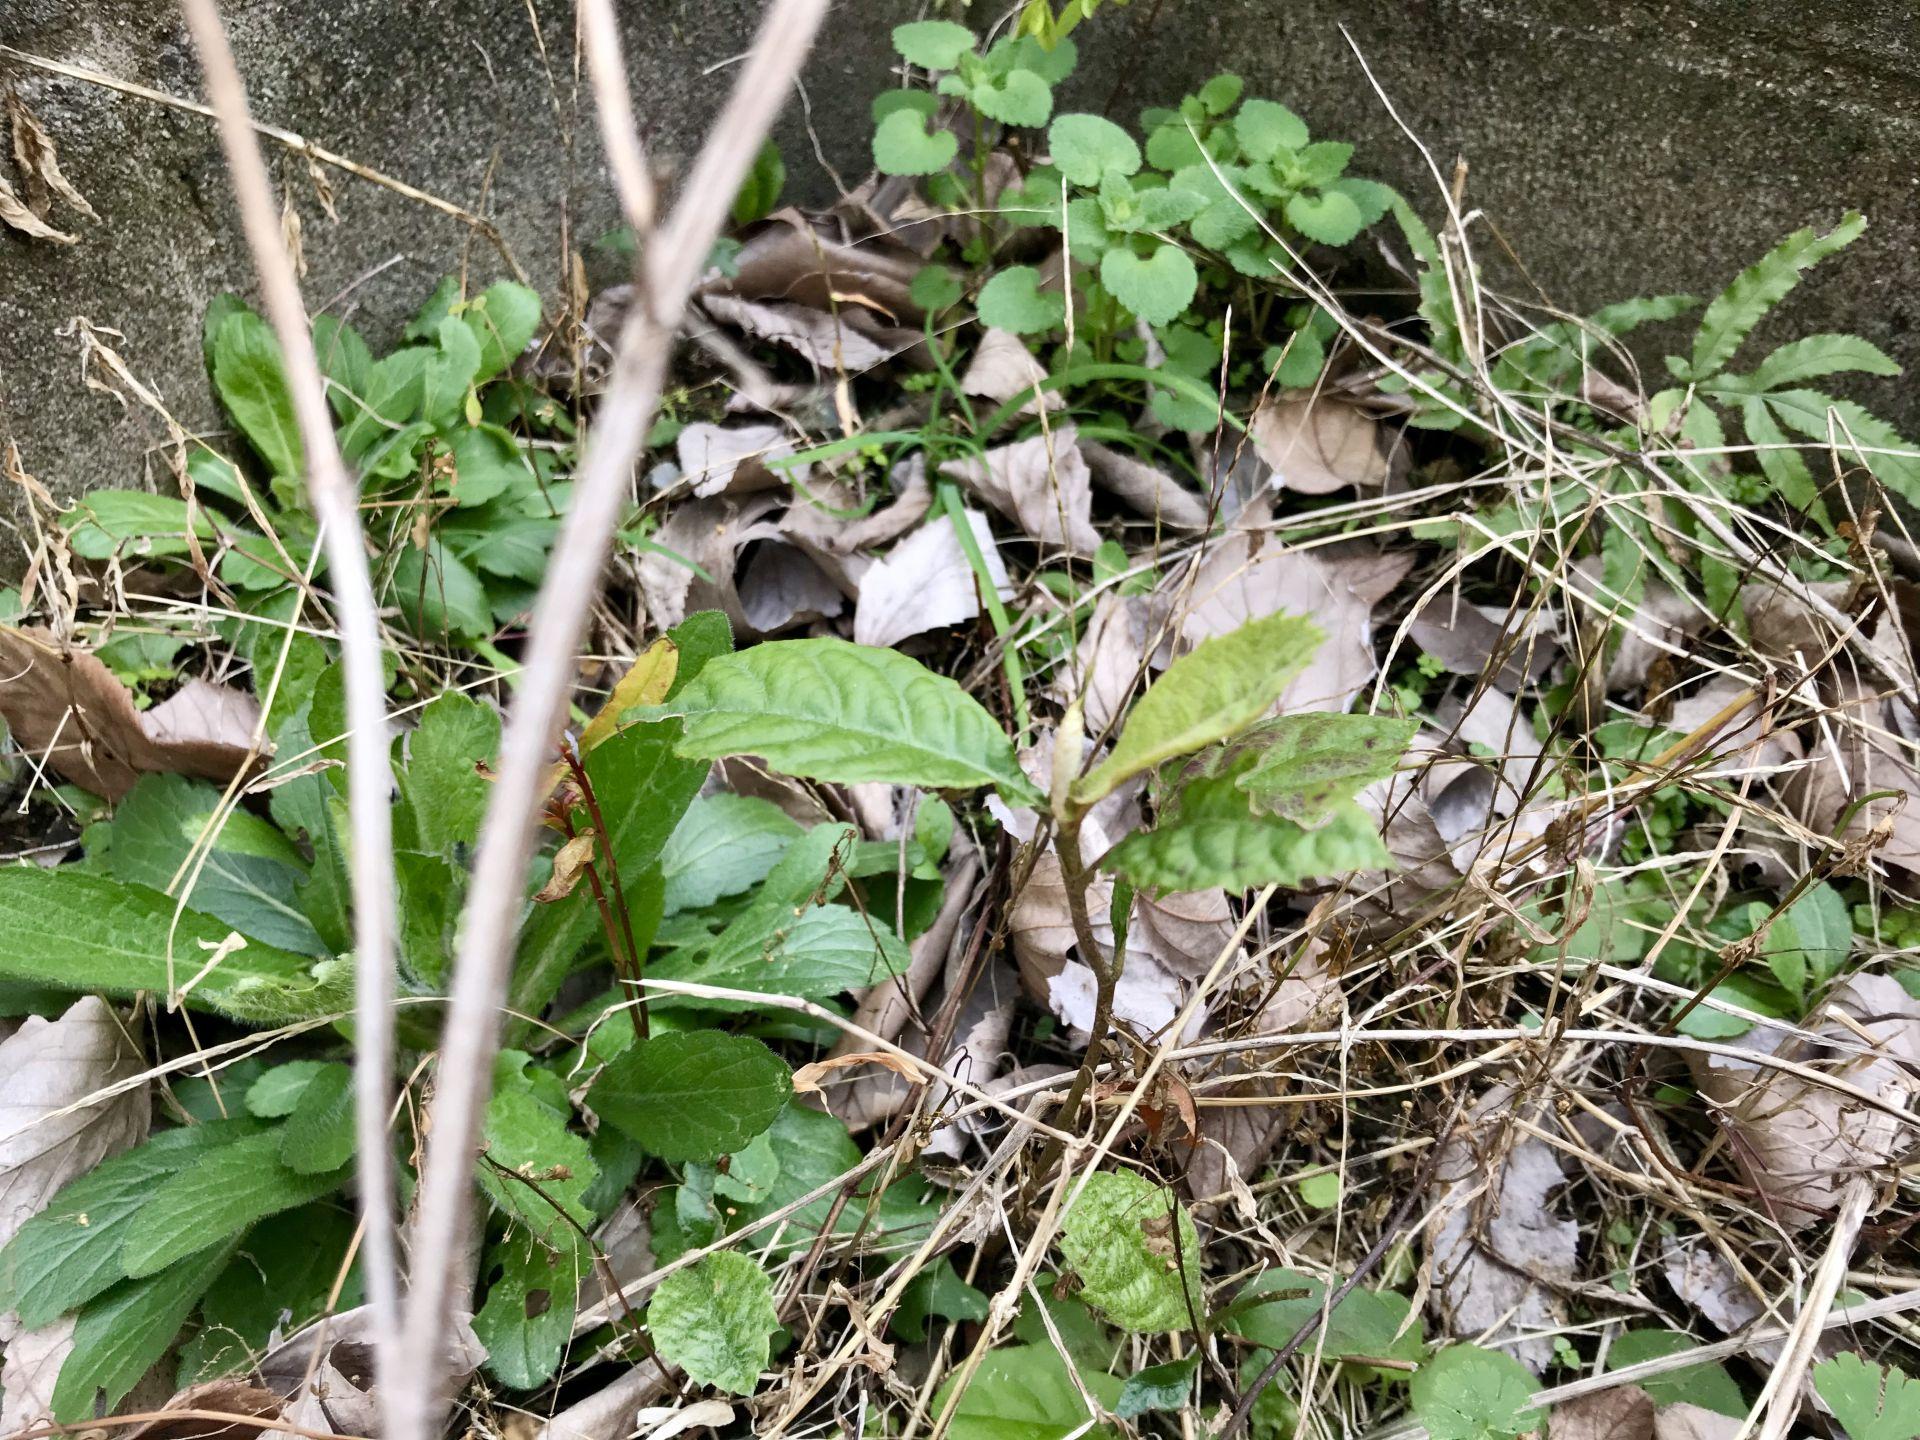 諦めかけていた枇杷の木が育っていました